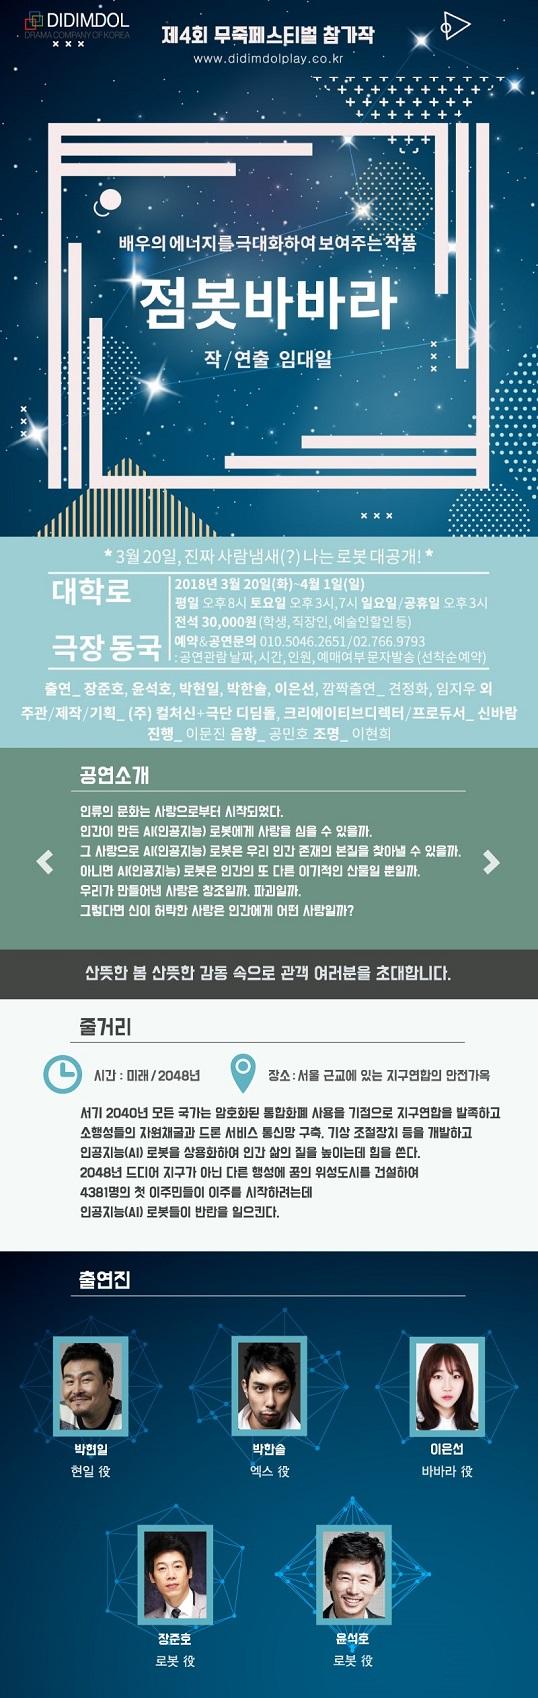 제4회 무죽페스티벌 참가작 연극  특별 초대 이벤트